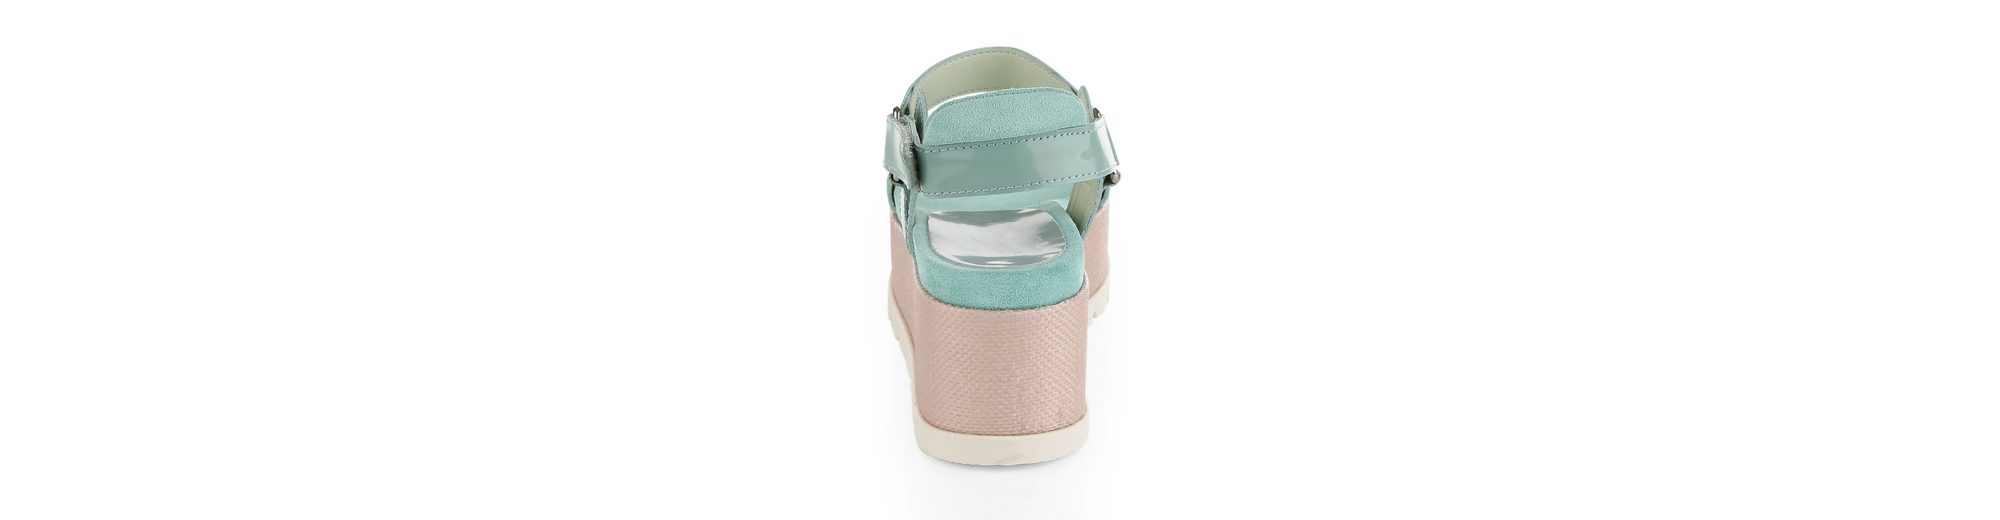 Verkauf Countdown-Paket Alba Moda Sandalette mit Plateau Mit Visum Zahlen Zu Verkaufen 2t5eLiqQJ